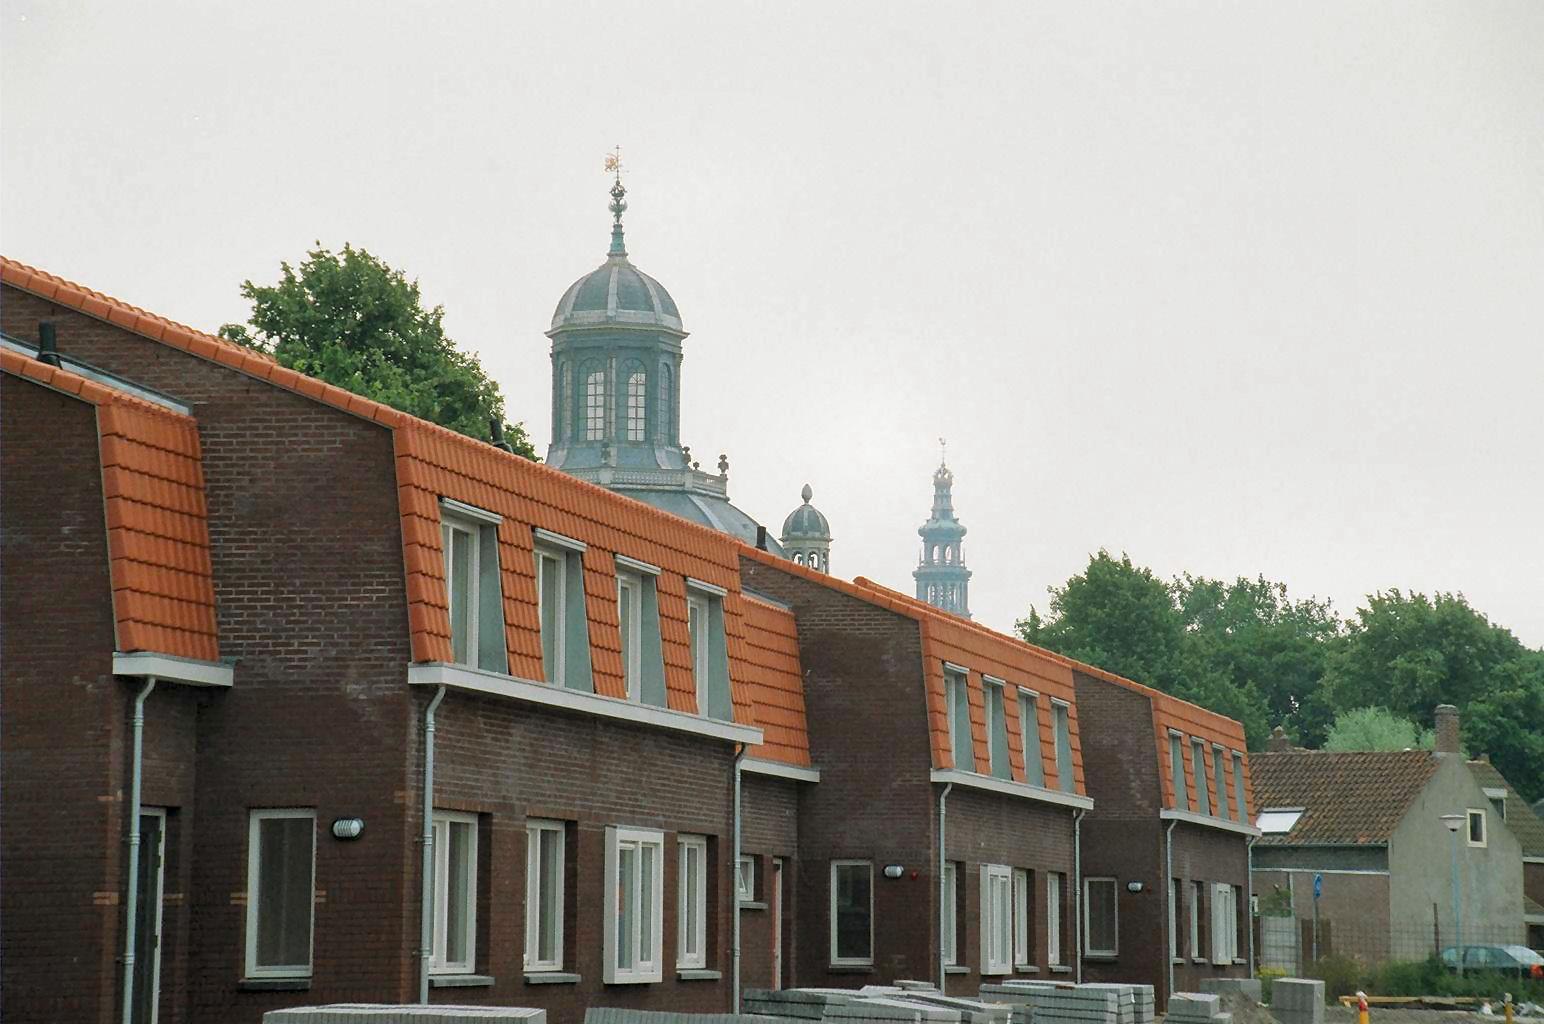 Zorgcluster De Veersesingel Middelburg